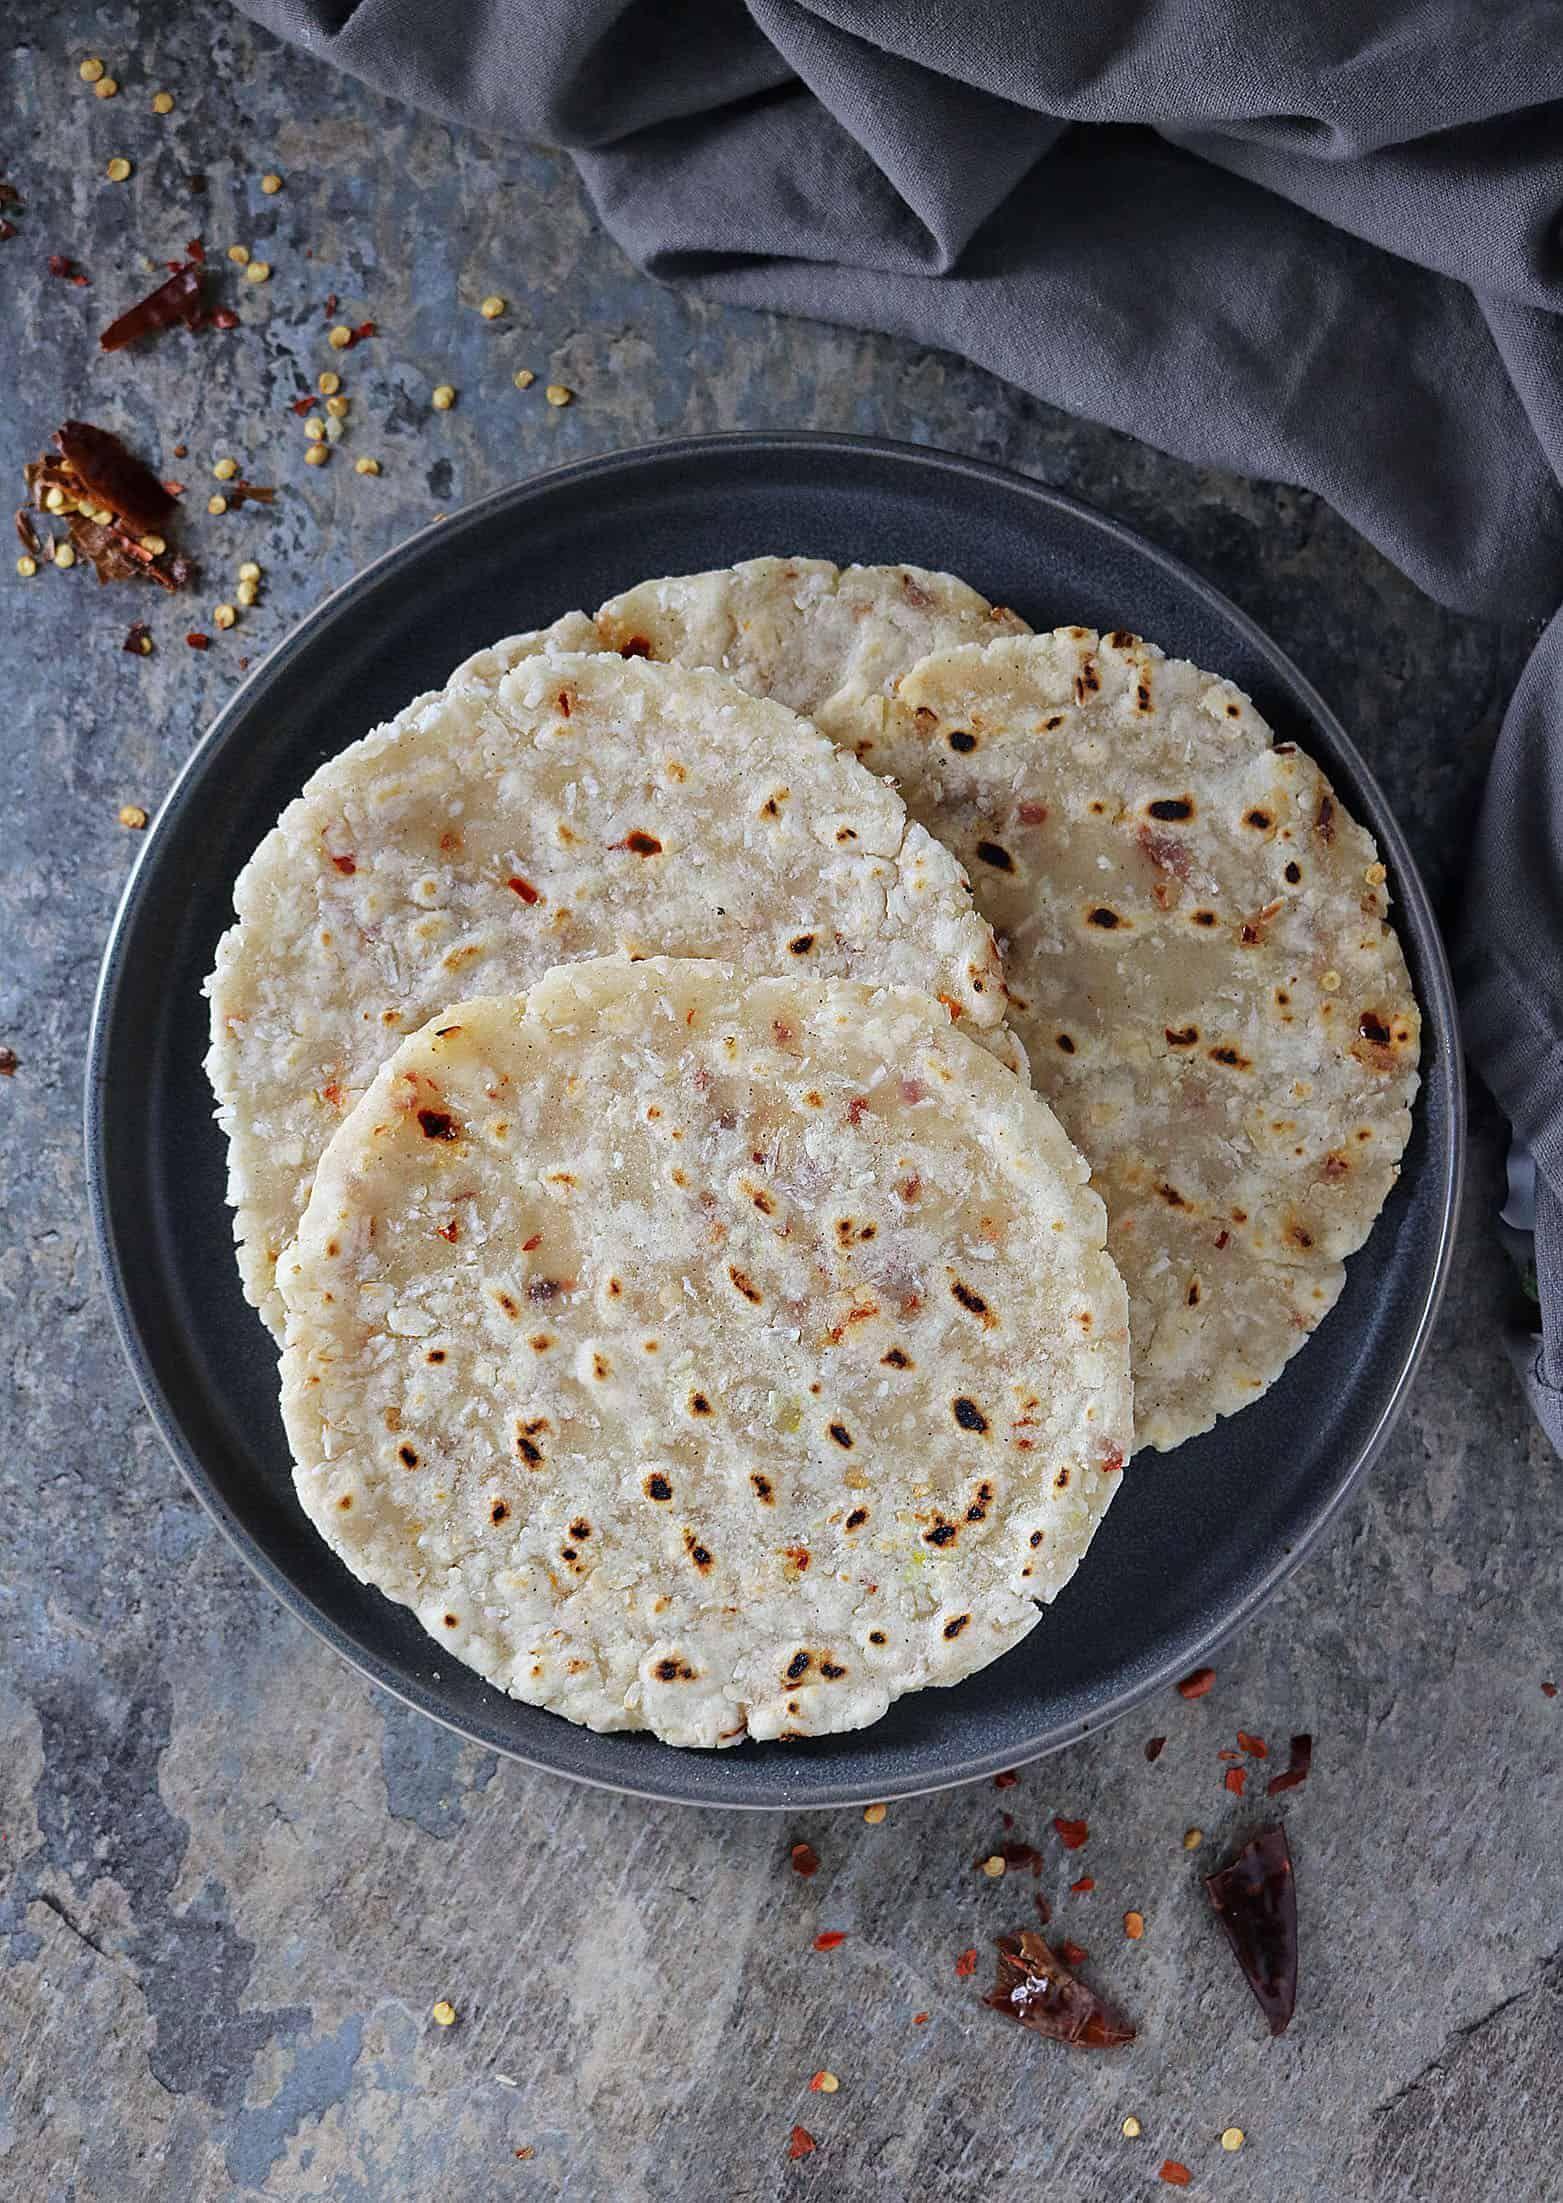 Easy Sri Lankan Coconut Roti Recipe With Chili Flakes Recipe Roti Recipe Recipes Coconut Flakes Recipe